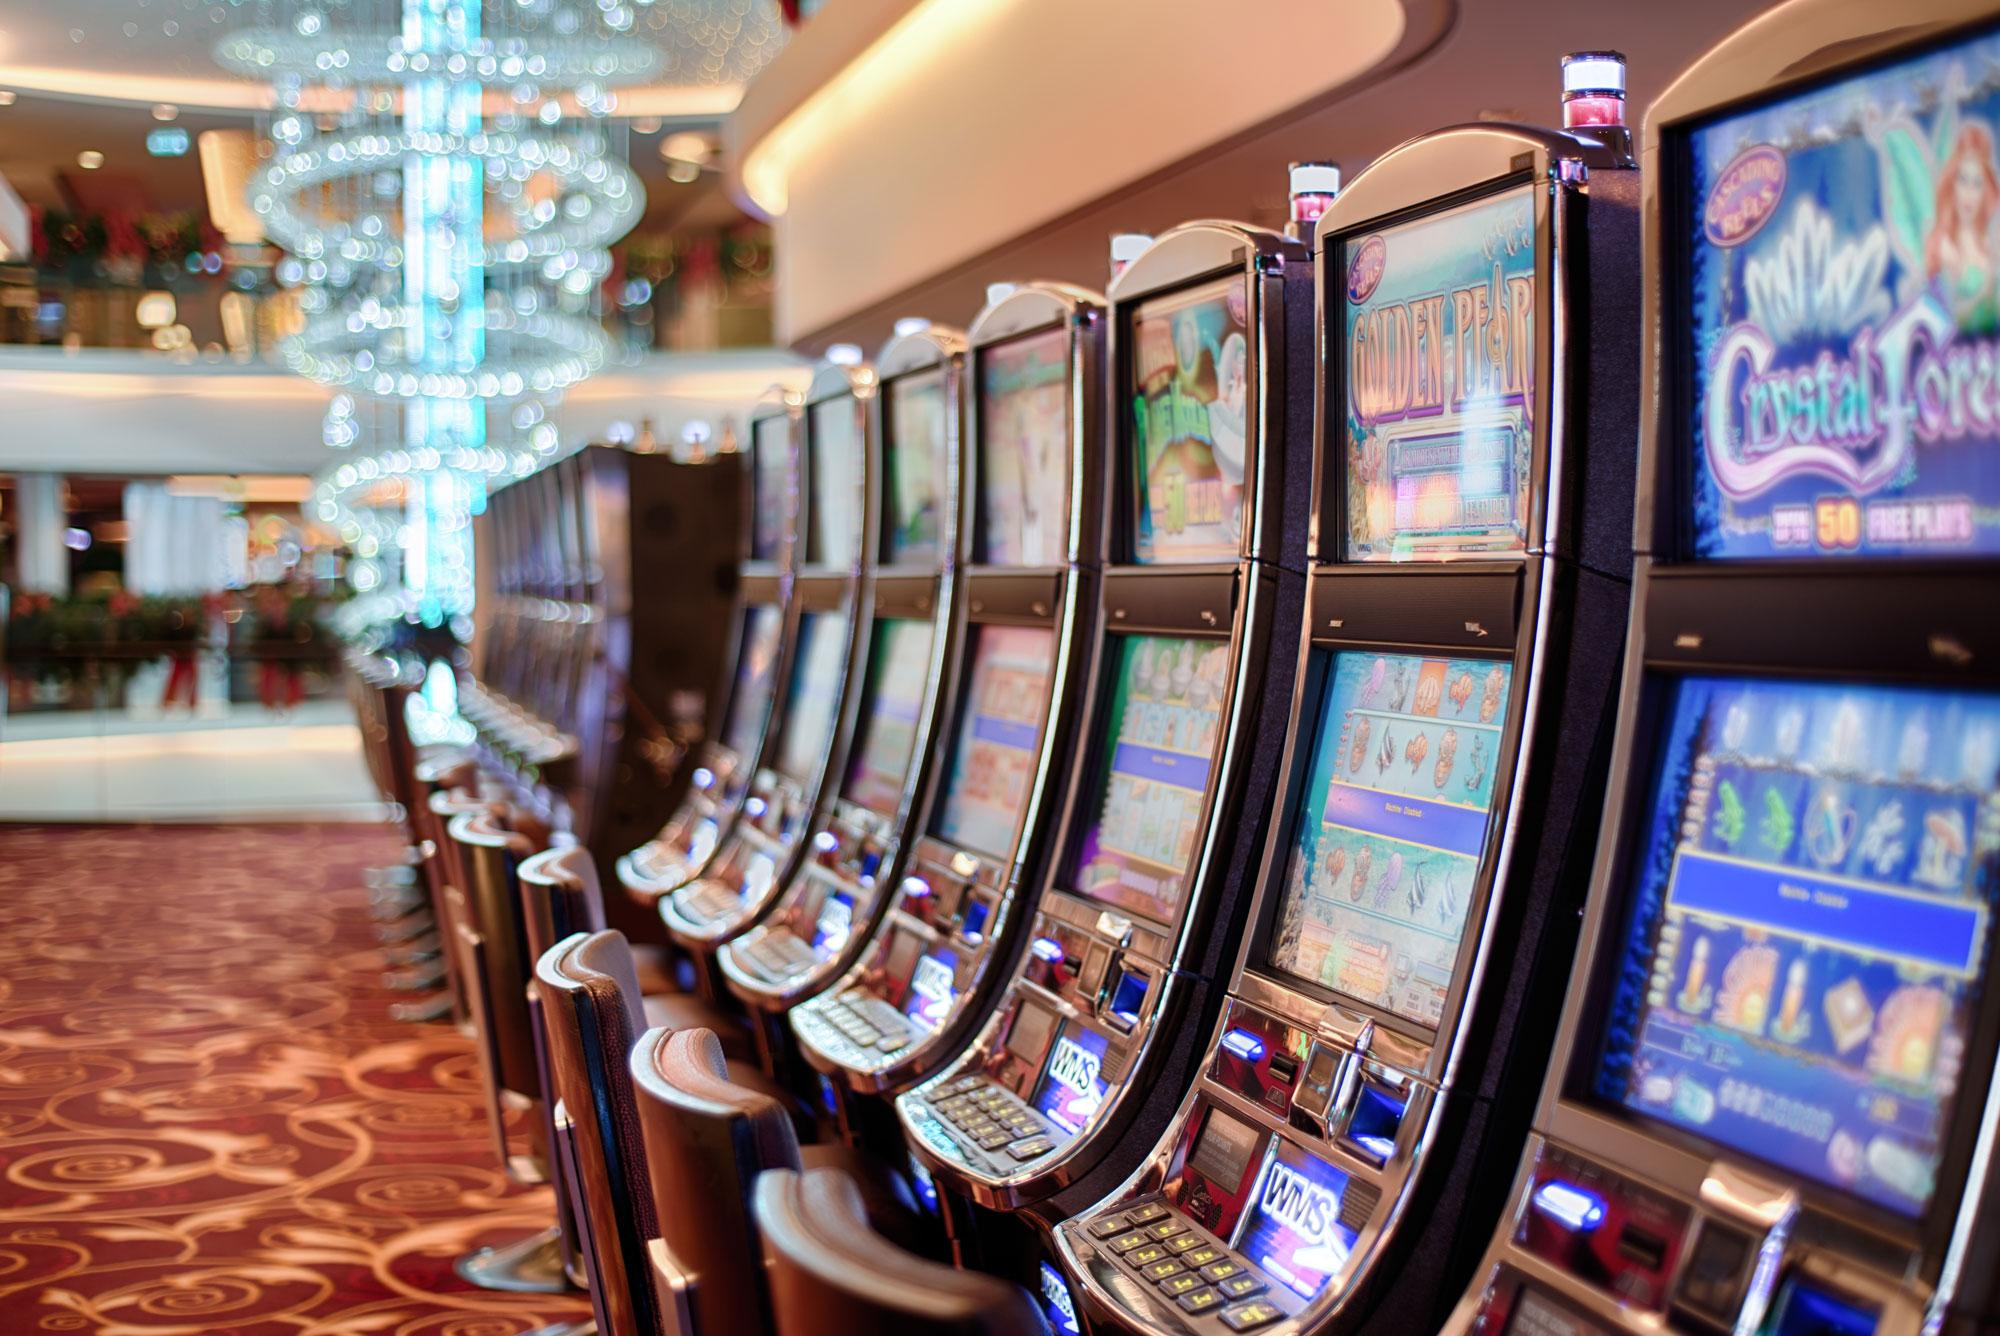 Апрайты — автоматы с вертикальной посадкой. Автор фото Ed Gregory, {pexels.com}(https://www.pexels.com/photo/addiction-bet-betting-casino-5258/)